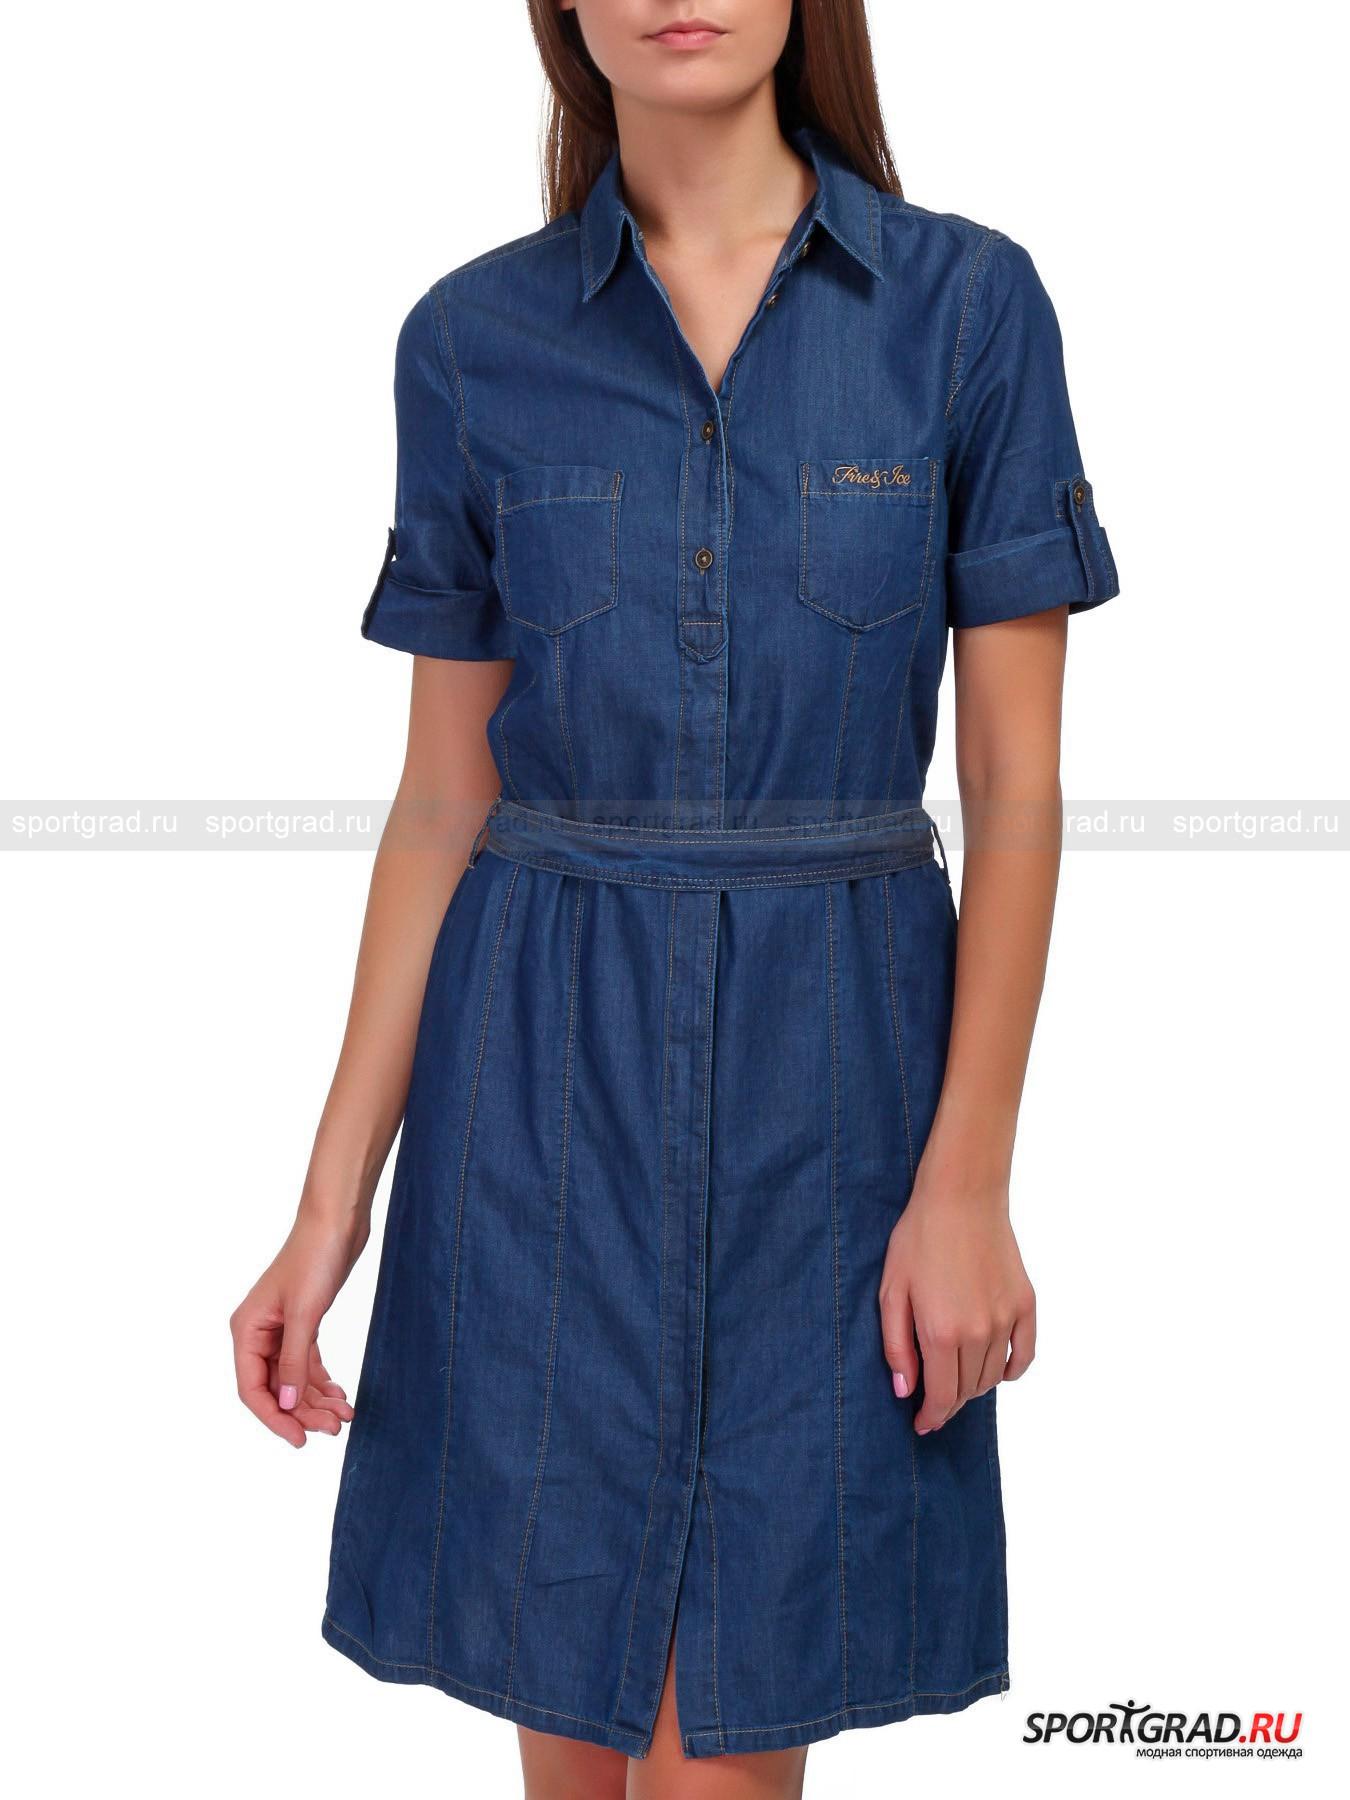 Джинсовое платье: как носить | Модница